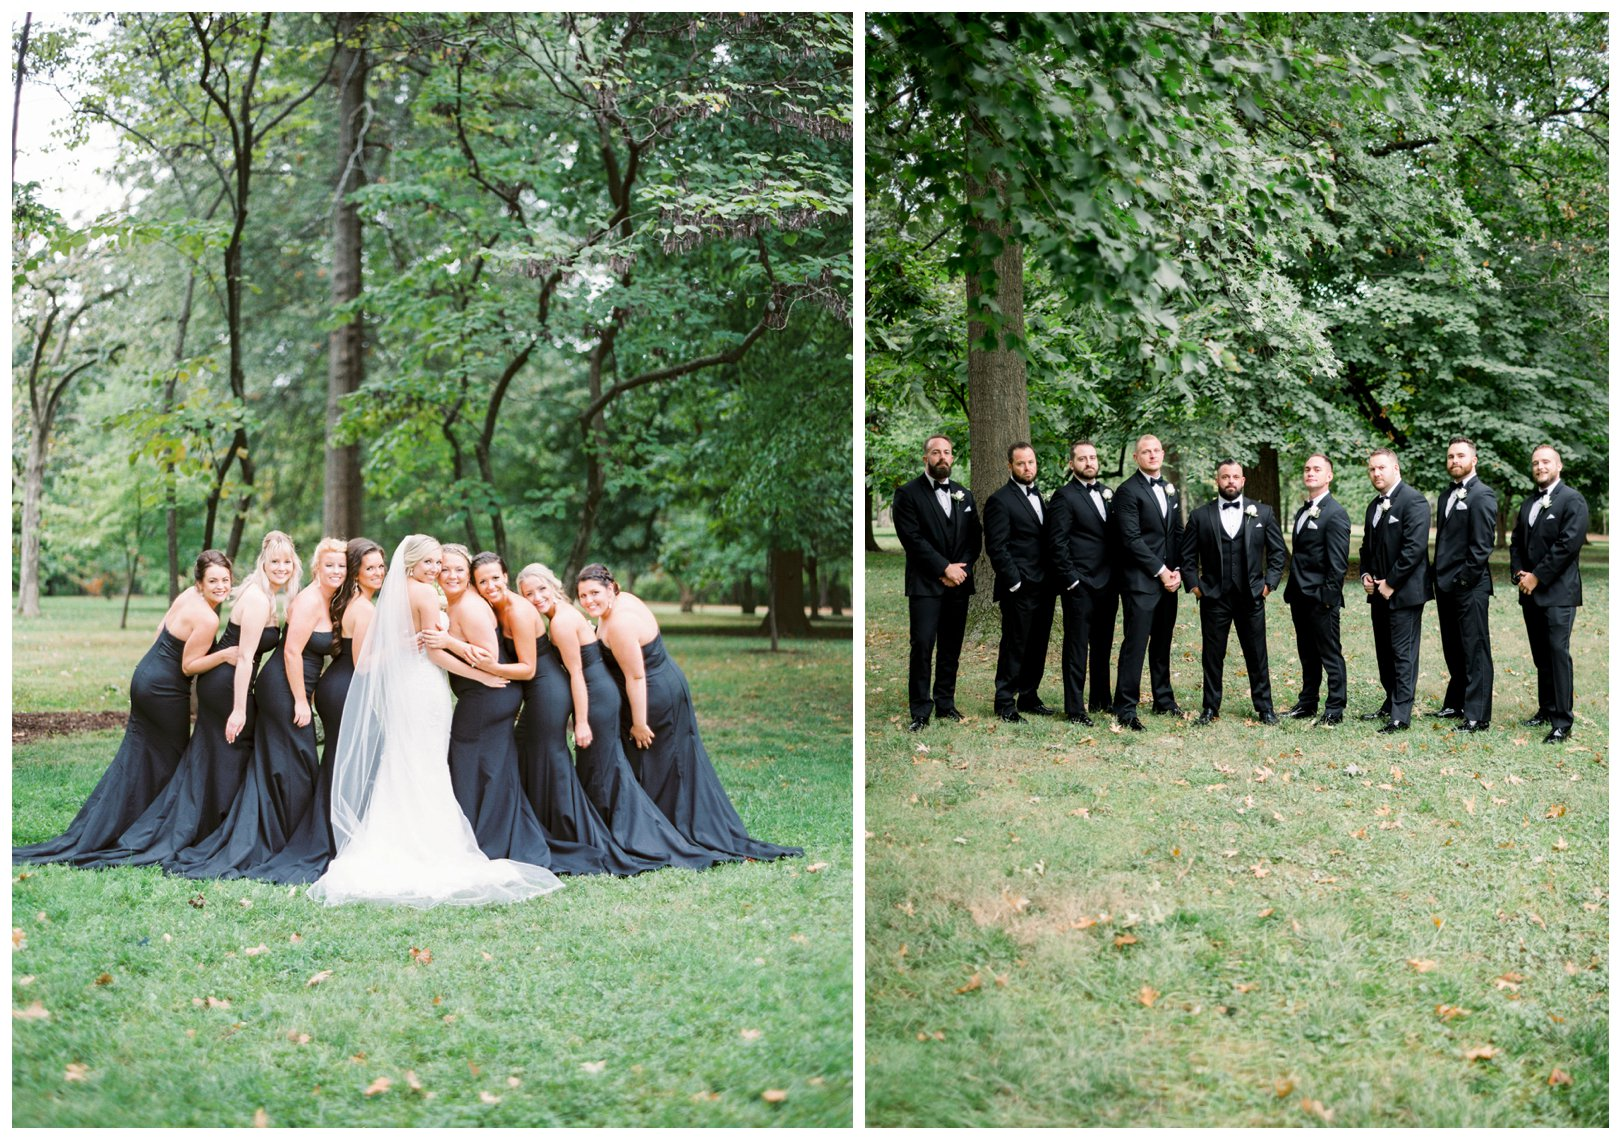 lauren muckler photography_fine art film wedding photography_st louis_photography_2150.jpg